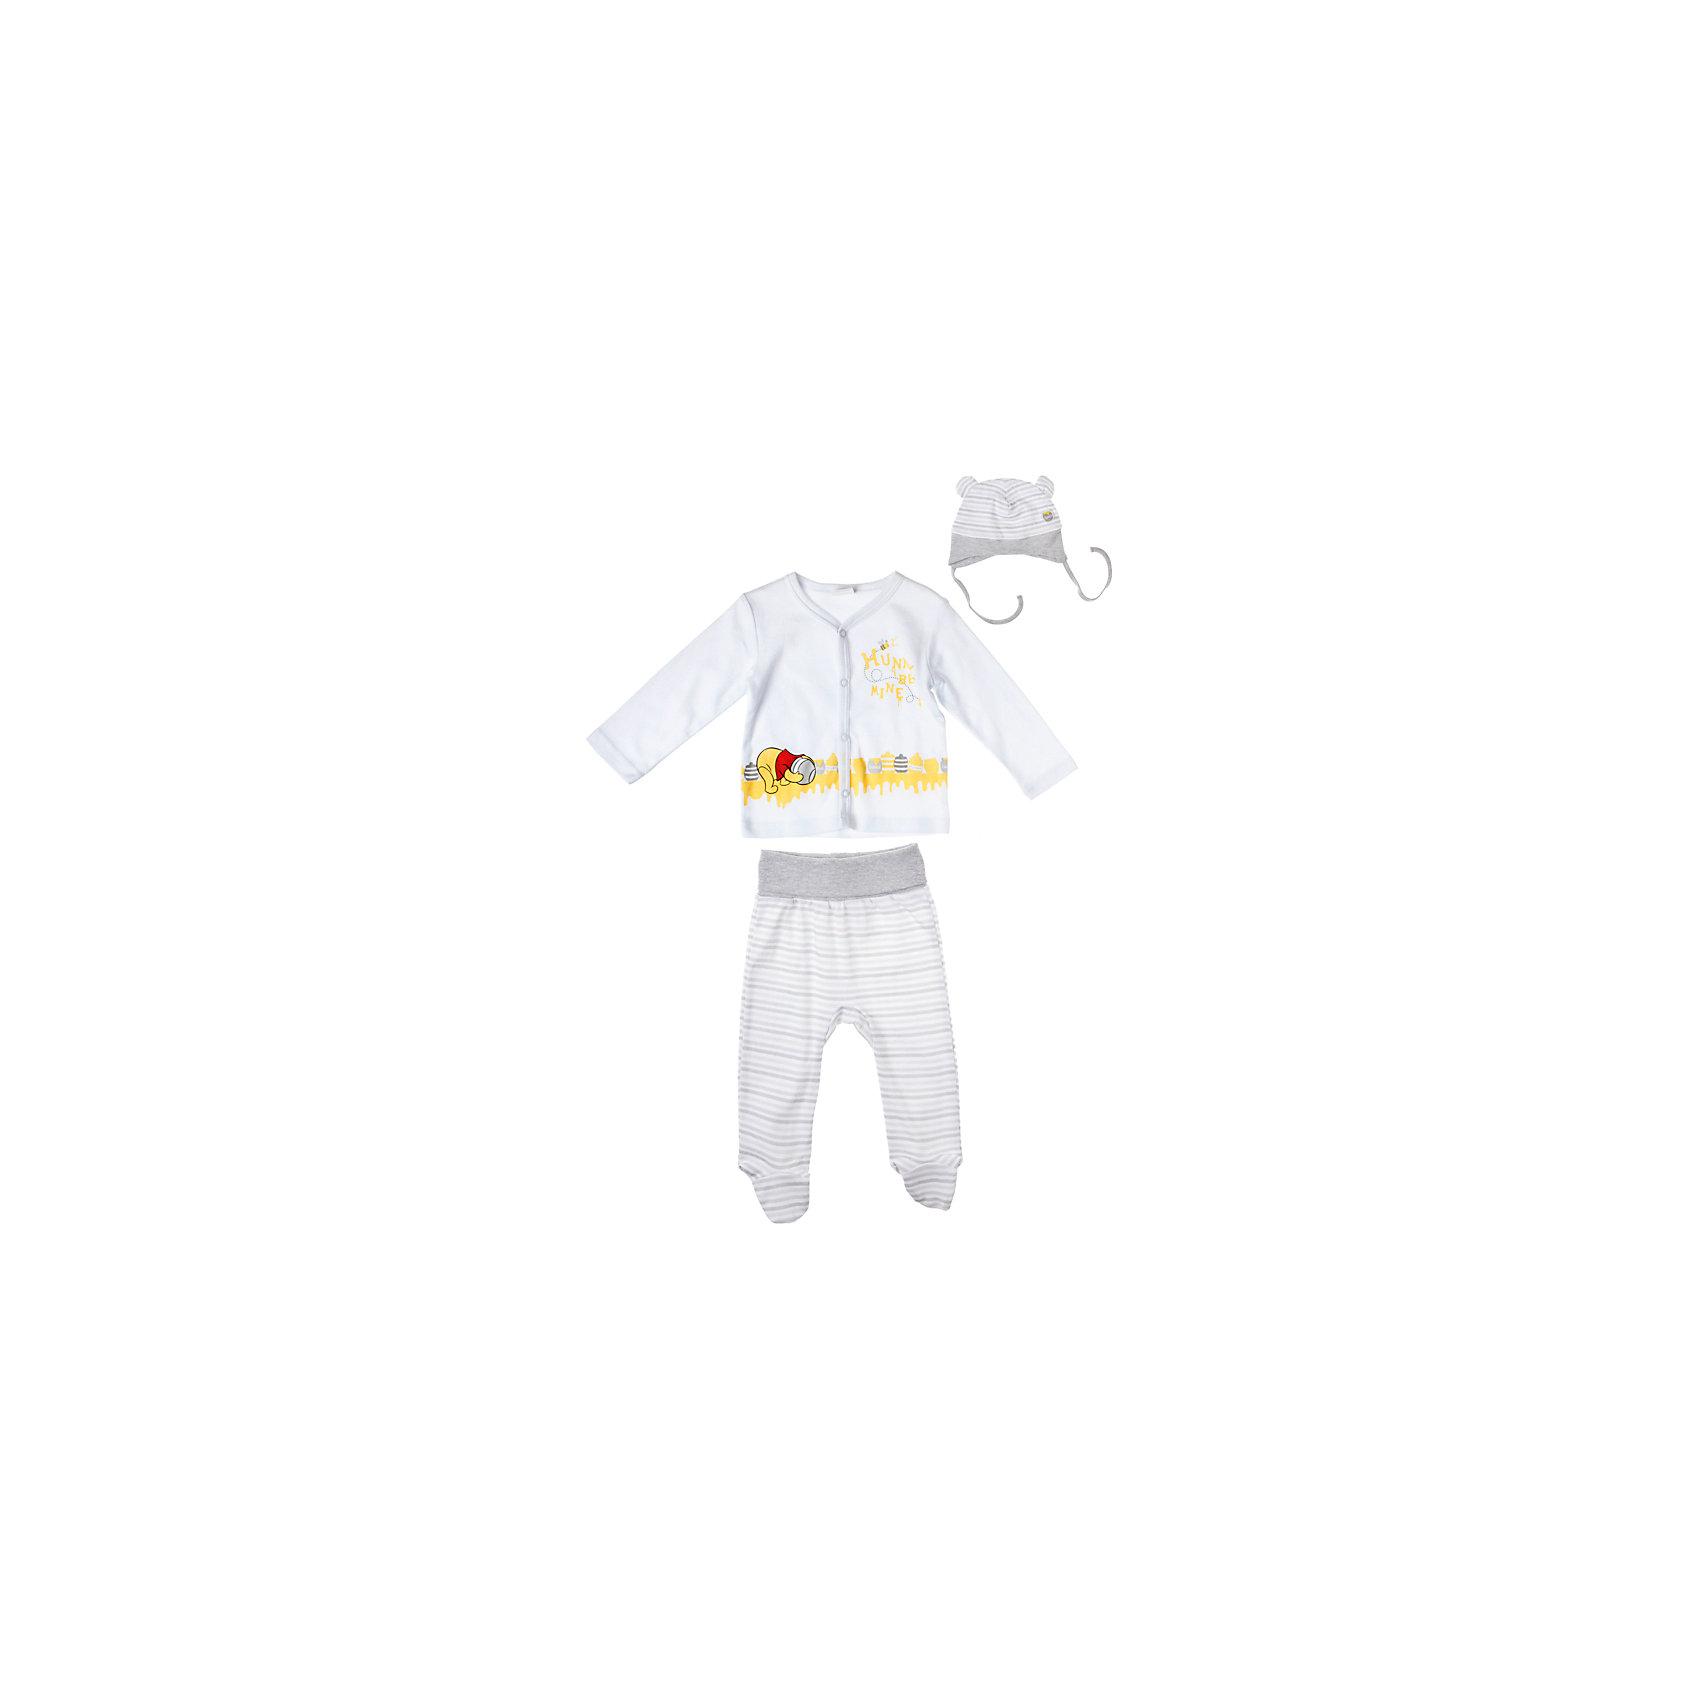 Комплект: толстовка и брюки для мальчика PlayTodayКомплект: толстовка и брюки для мальчика PlayToday Комплект из толстовки на кнопках, свободных штанишек с носочками и чепчика для новорожденных из стопроцентного хлопка. Состав: 100% хлопок<br><br>Ширина мм: 190<br>Глубина мм: 74<br>Высота мм: 229<br>Вес г: 236<br>Цвет: серый<br>Возраст от месяцев: 0<br>Возраст до месяцев: 3<br>Пол: Мужской<br>Возраст: Детский<br>Размер: 56,68,74,62<br>SKU: 4229693